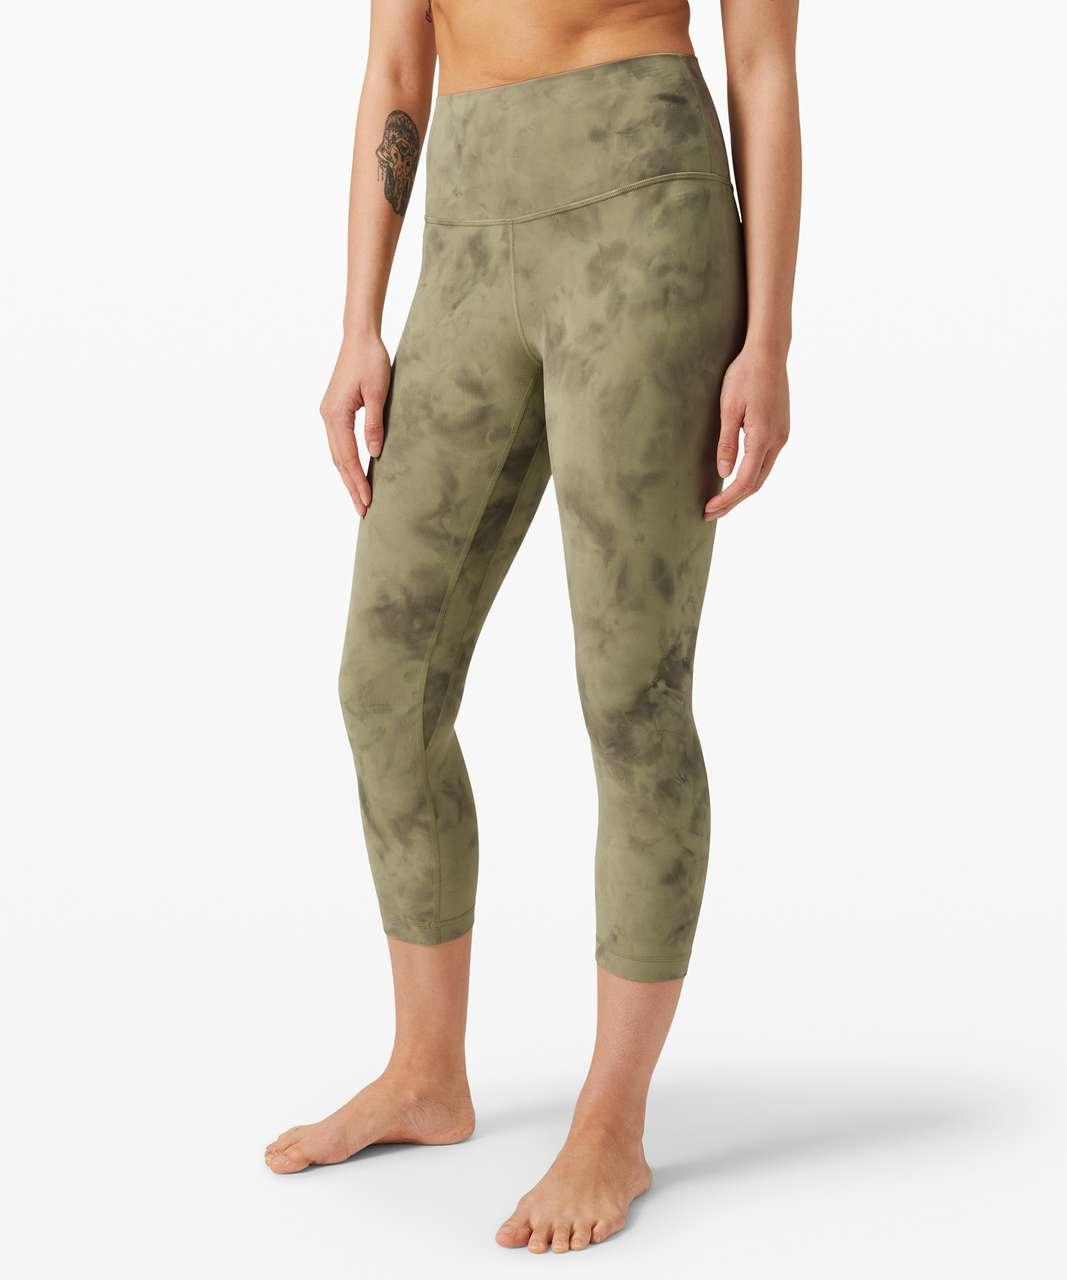 """Lululemon Align Crop 21"""" *Diamond Dye - Diamond Dye Vista Green Medium Olive"""